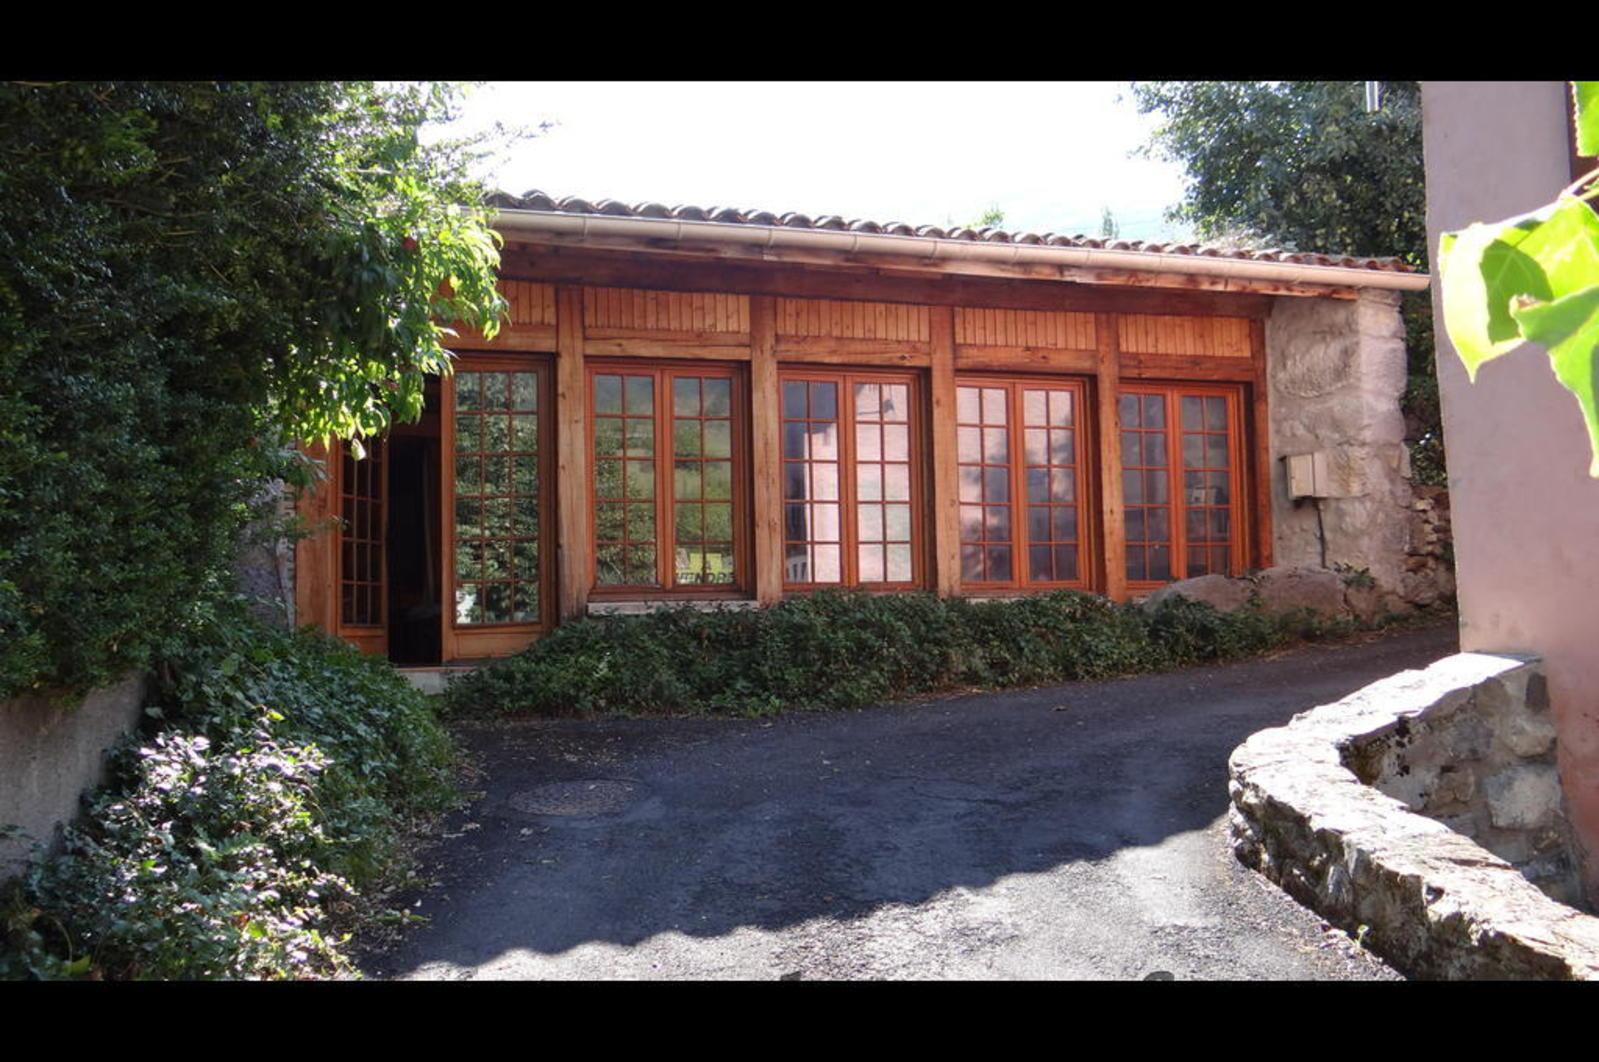 Joucou vend charmante maison en bordure de rivire dans l for Achat maison aude